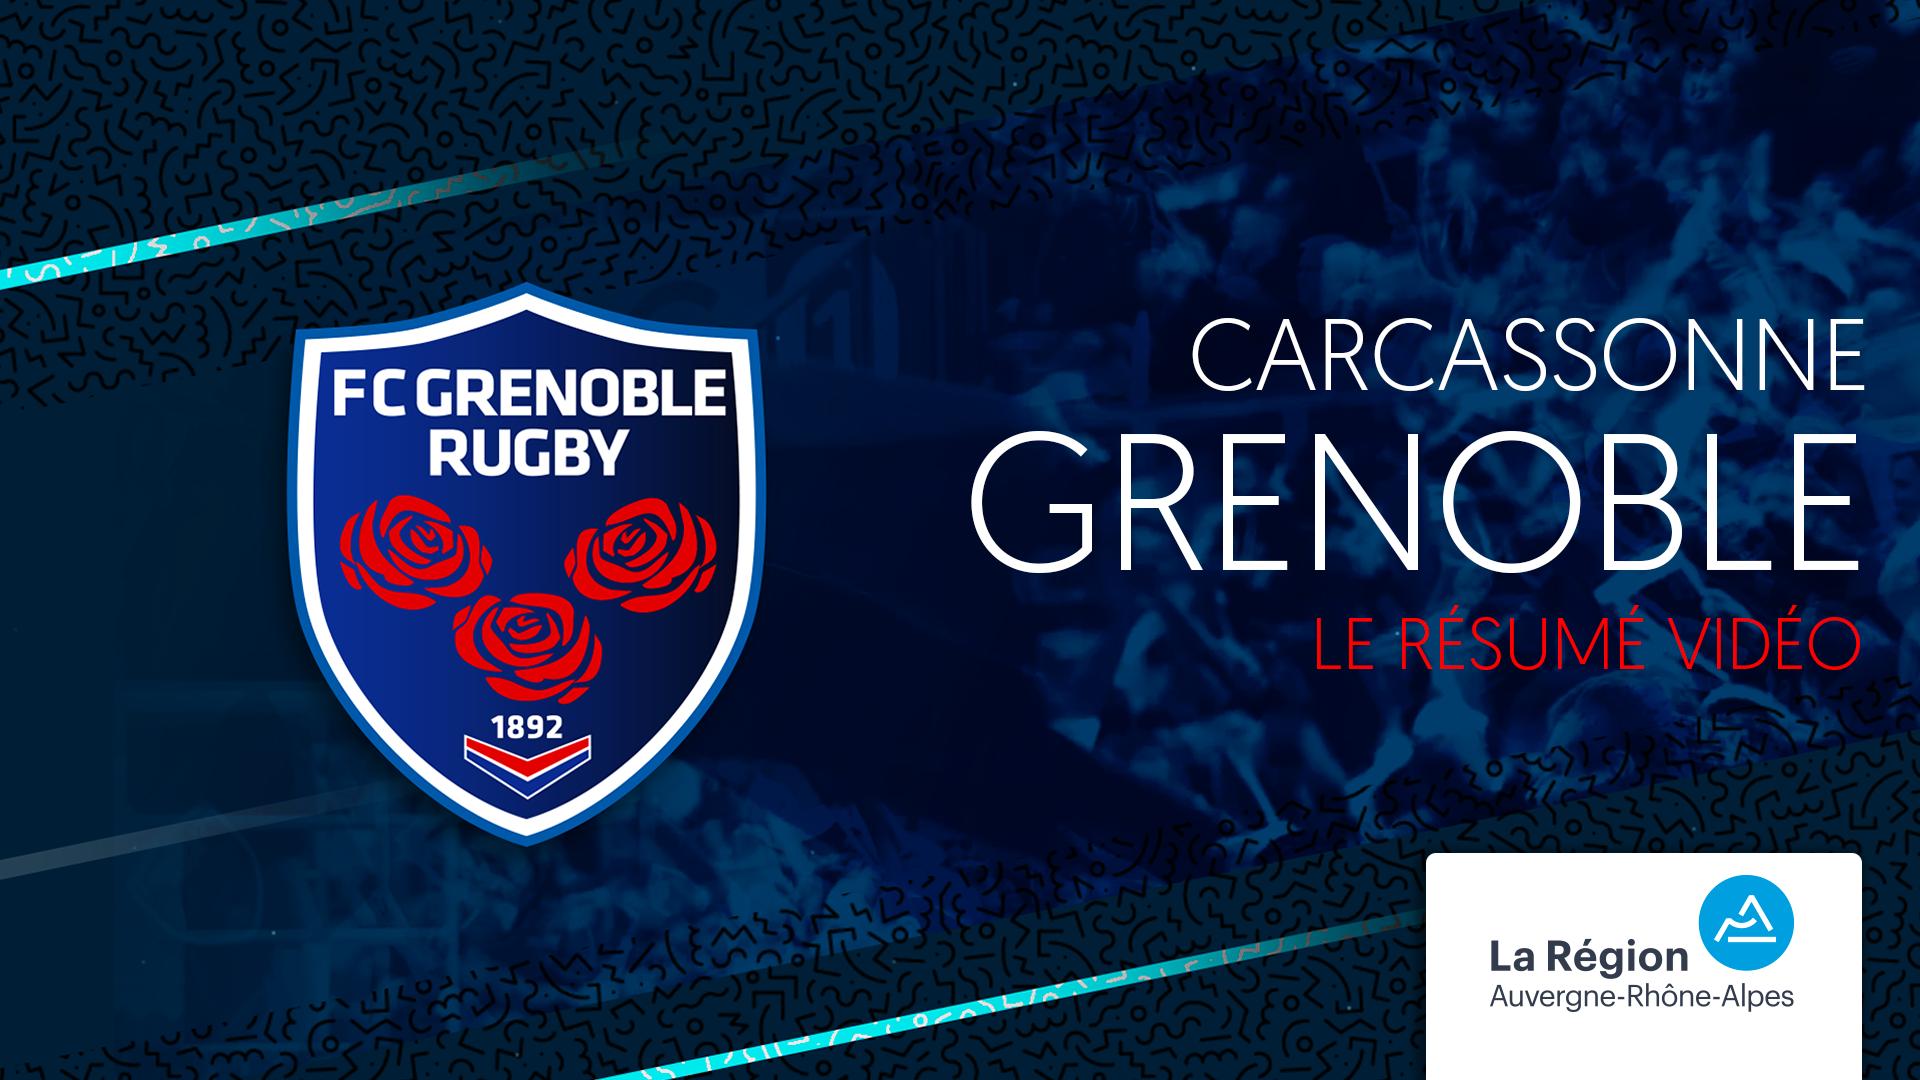 Carcassonne - FCG : le résumé vidéo